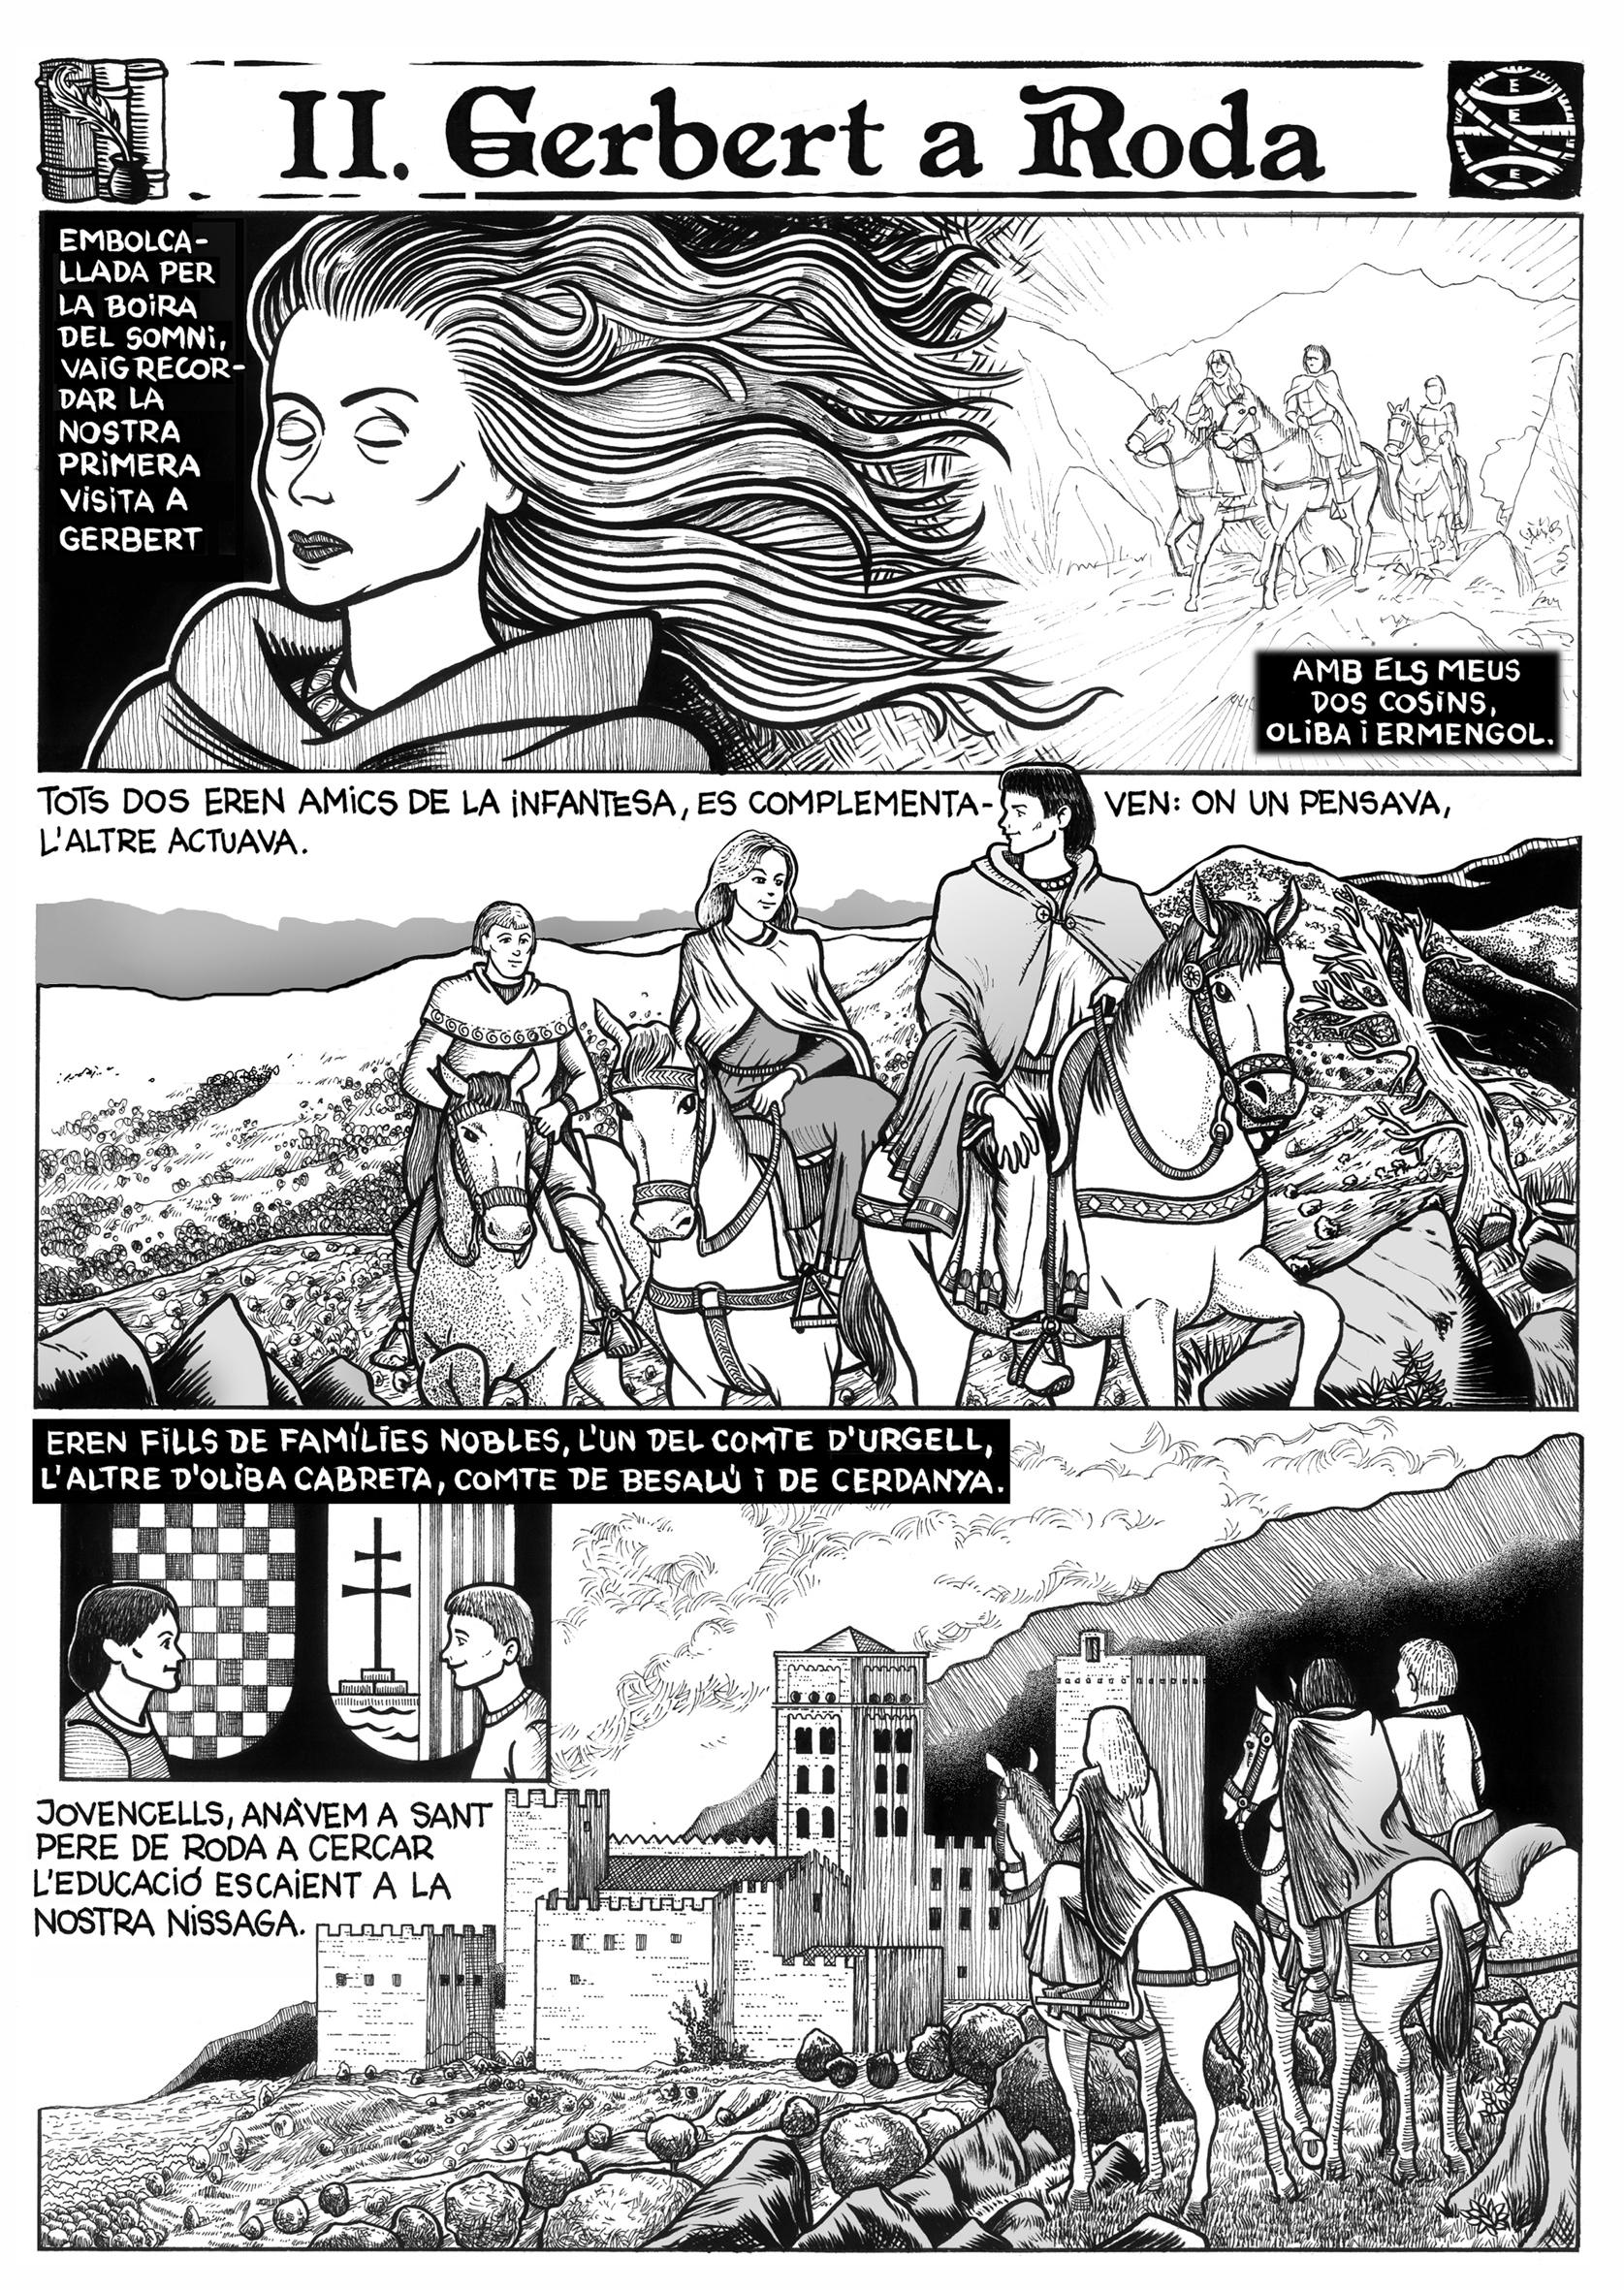 15.10.2004 Pàgina del projecte d'adaptació en còmic de la novel·la <em>Cercamón</em>, del sr. Ll. Racionero. Cap. II - Pàg. 05            Sant Pere de Roda -  Jordi Bibià